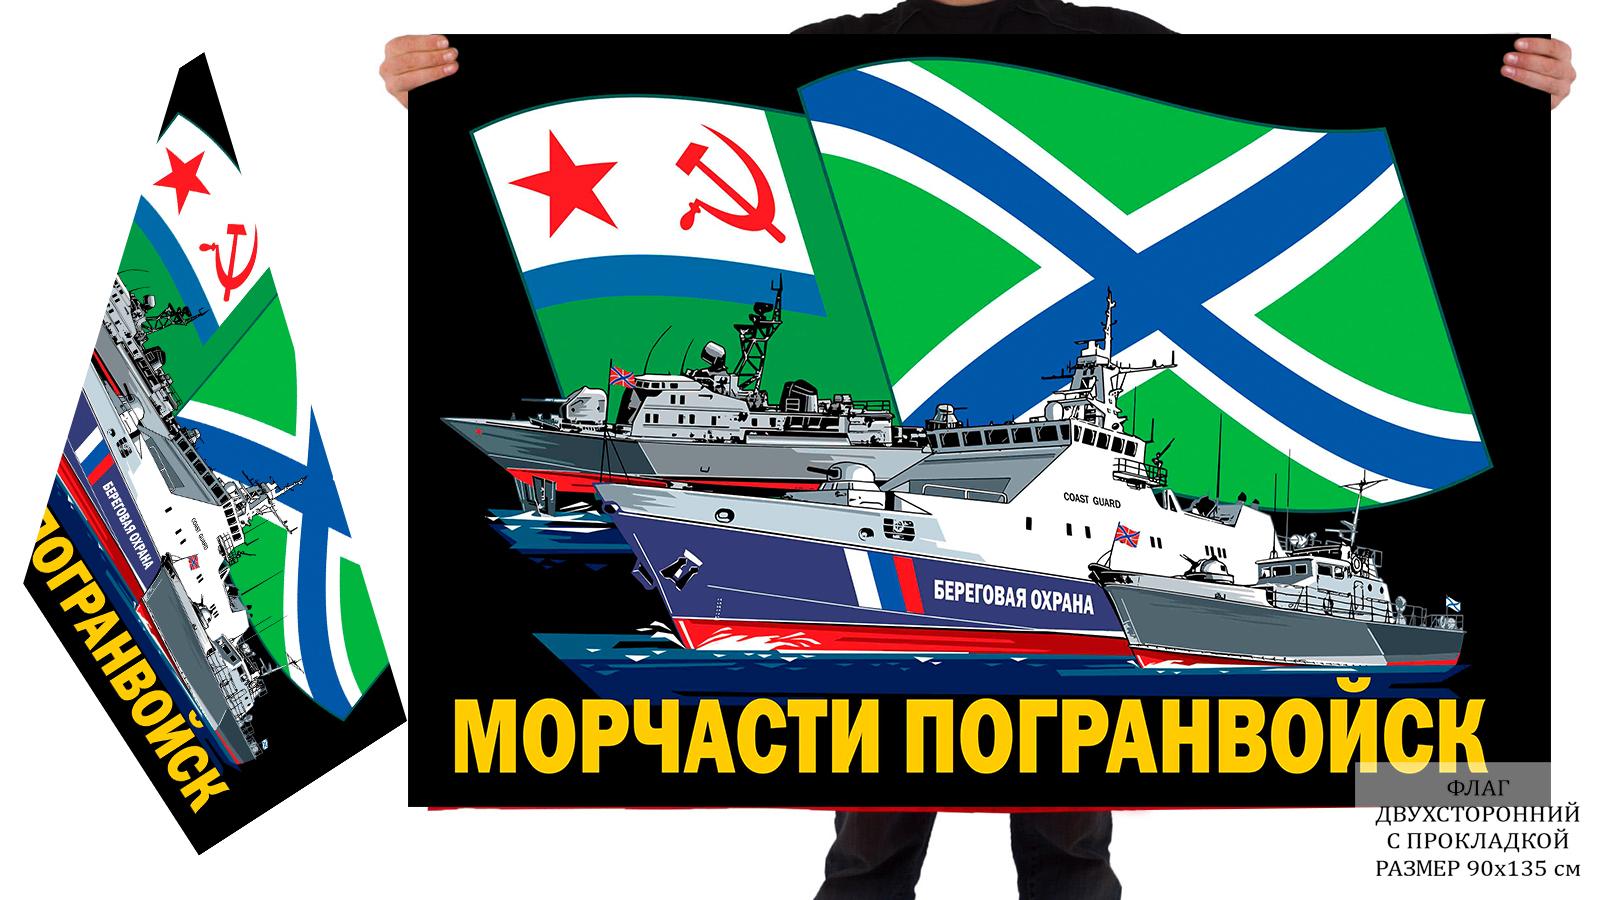 Двусторонний флаг Морчасти пограничных войск